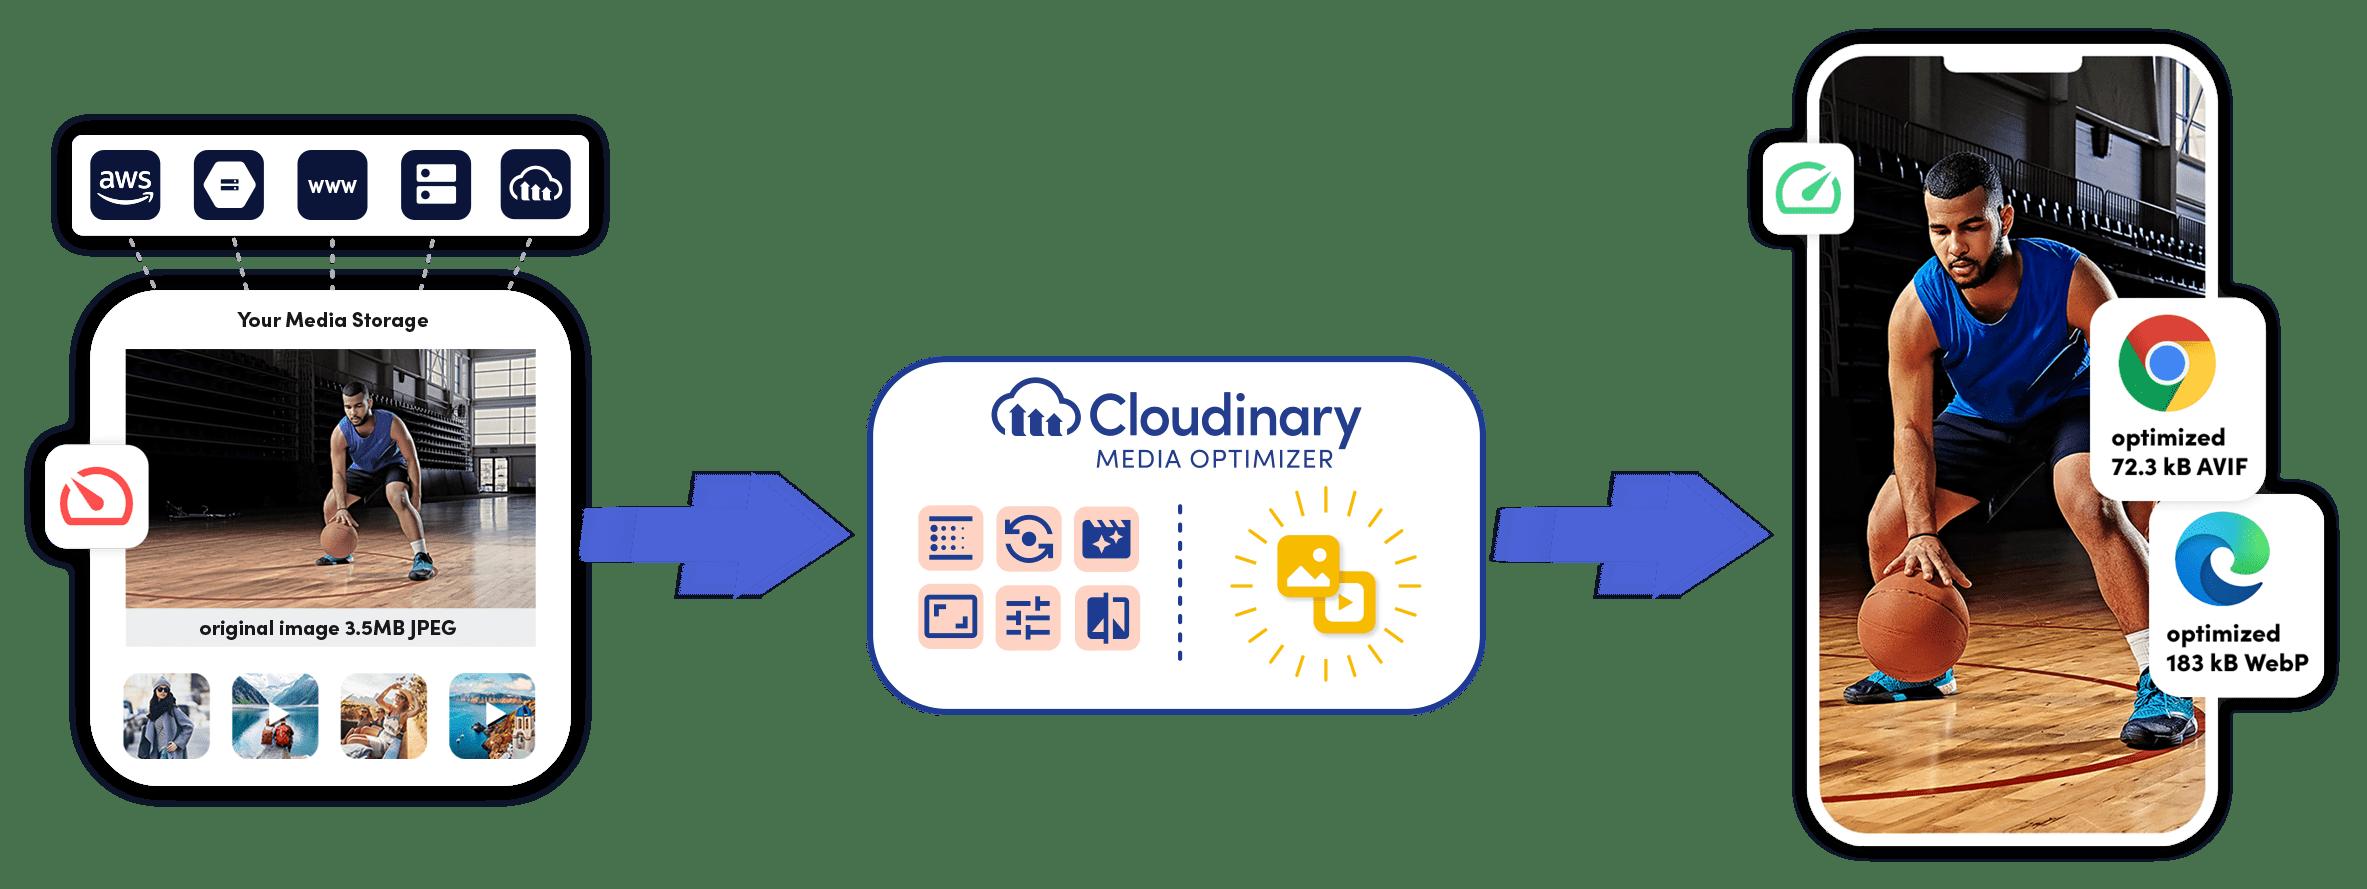 Cloudinary media optimizer